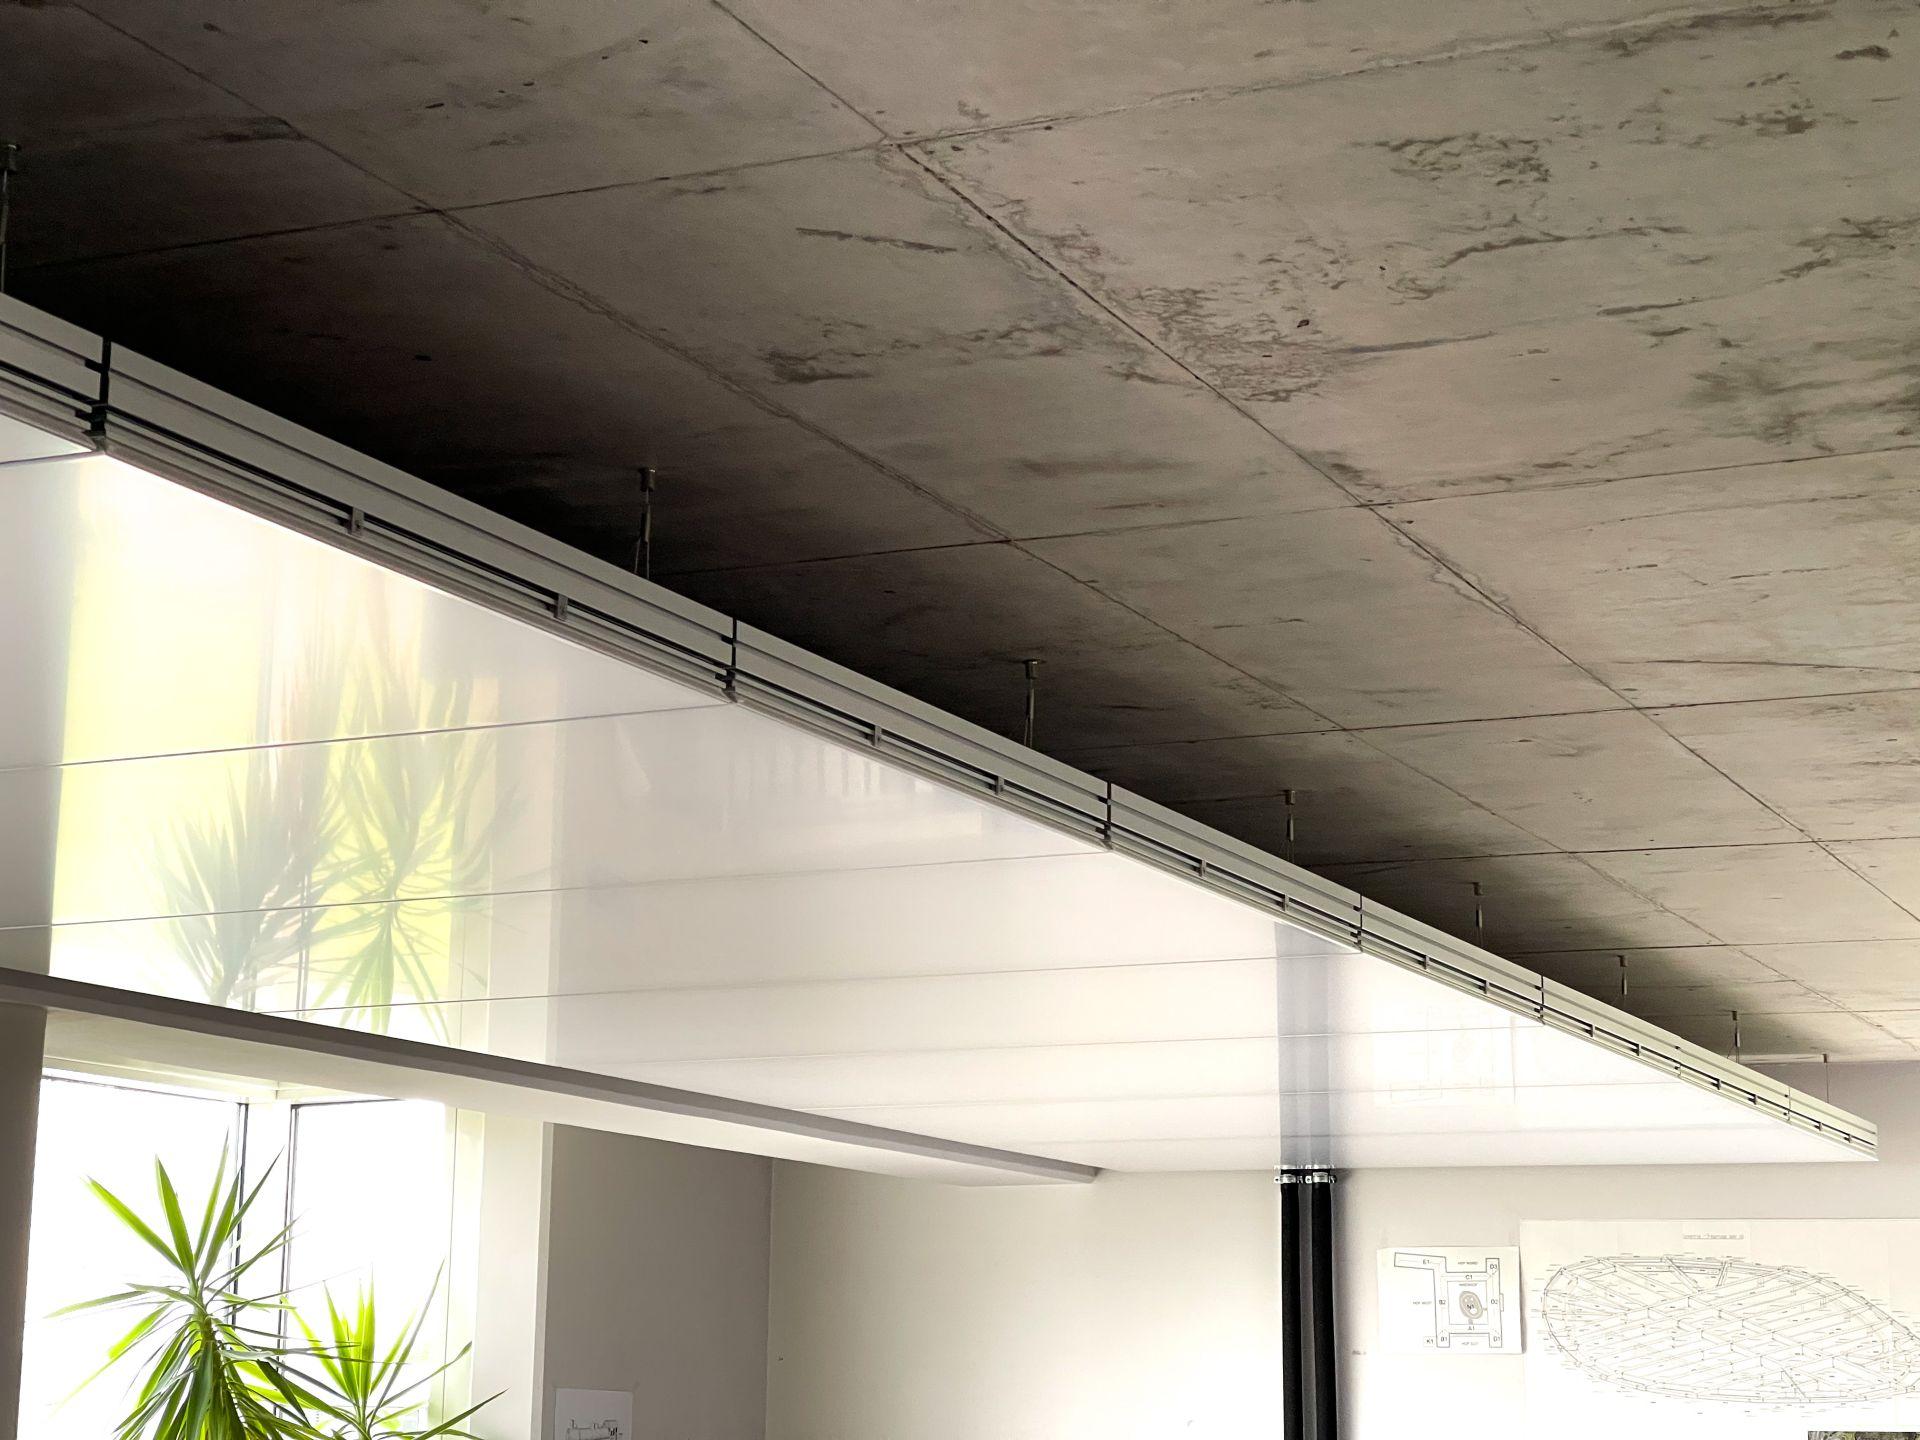 Kühldecken nachtrüsten | Junk und Reich Architekten_interpanel 001